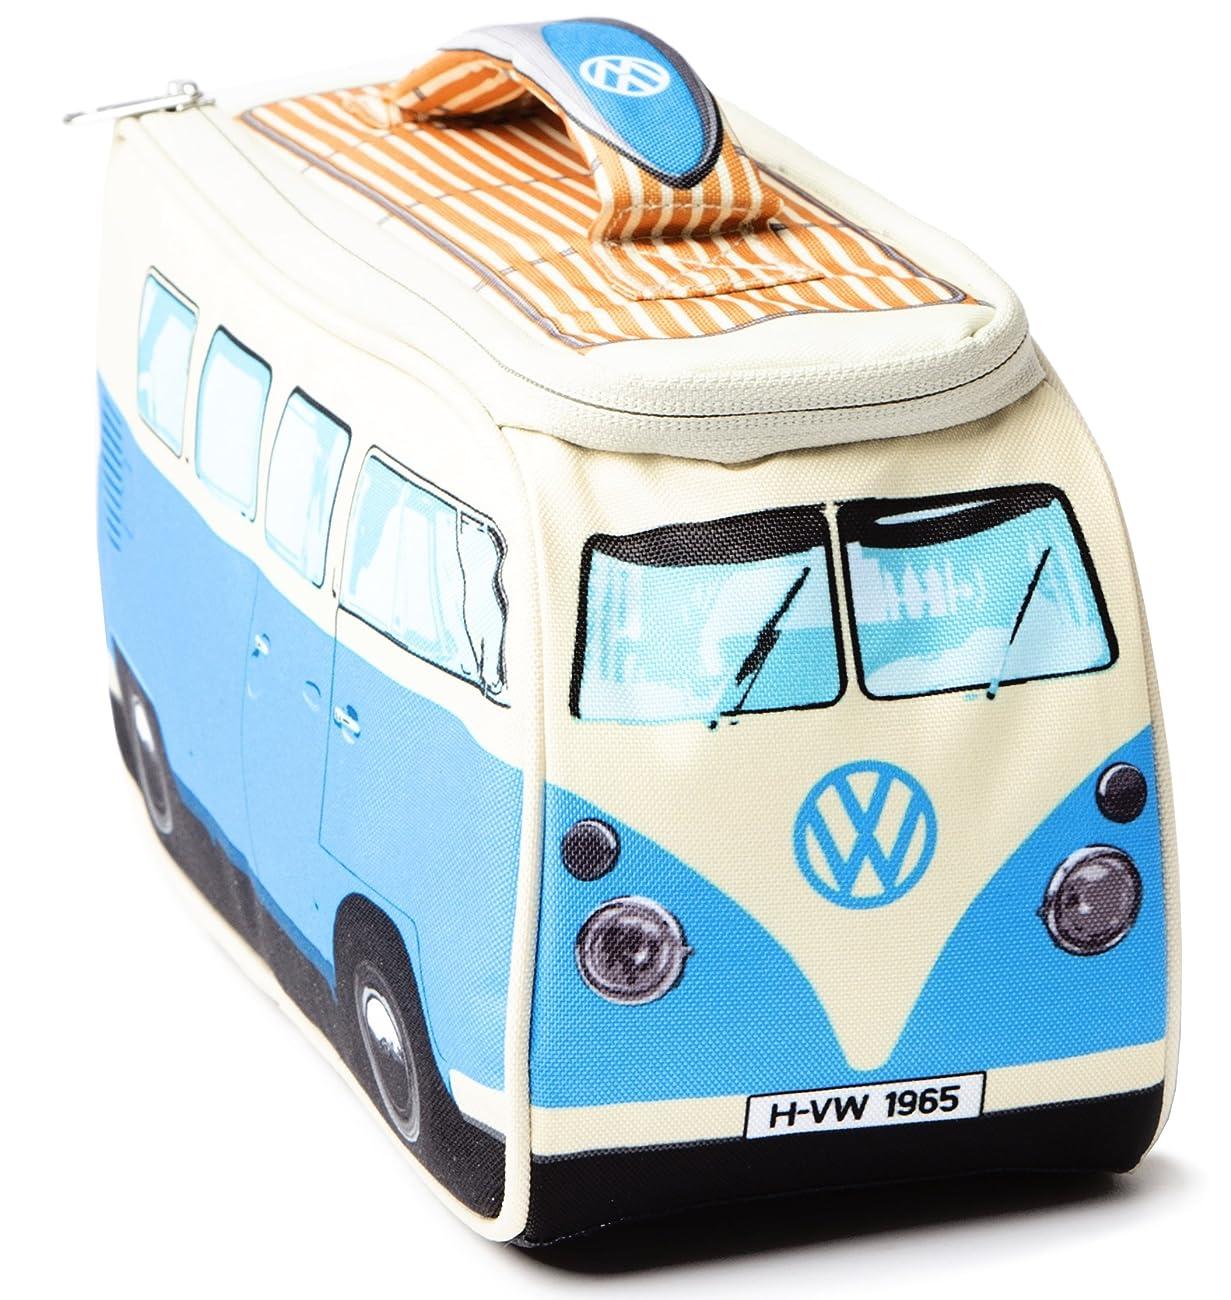 VW Volkswagen T1 Camper Van Lunch Bag - Blue - Multiple Color Options Available 0